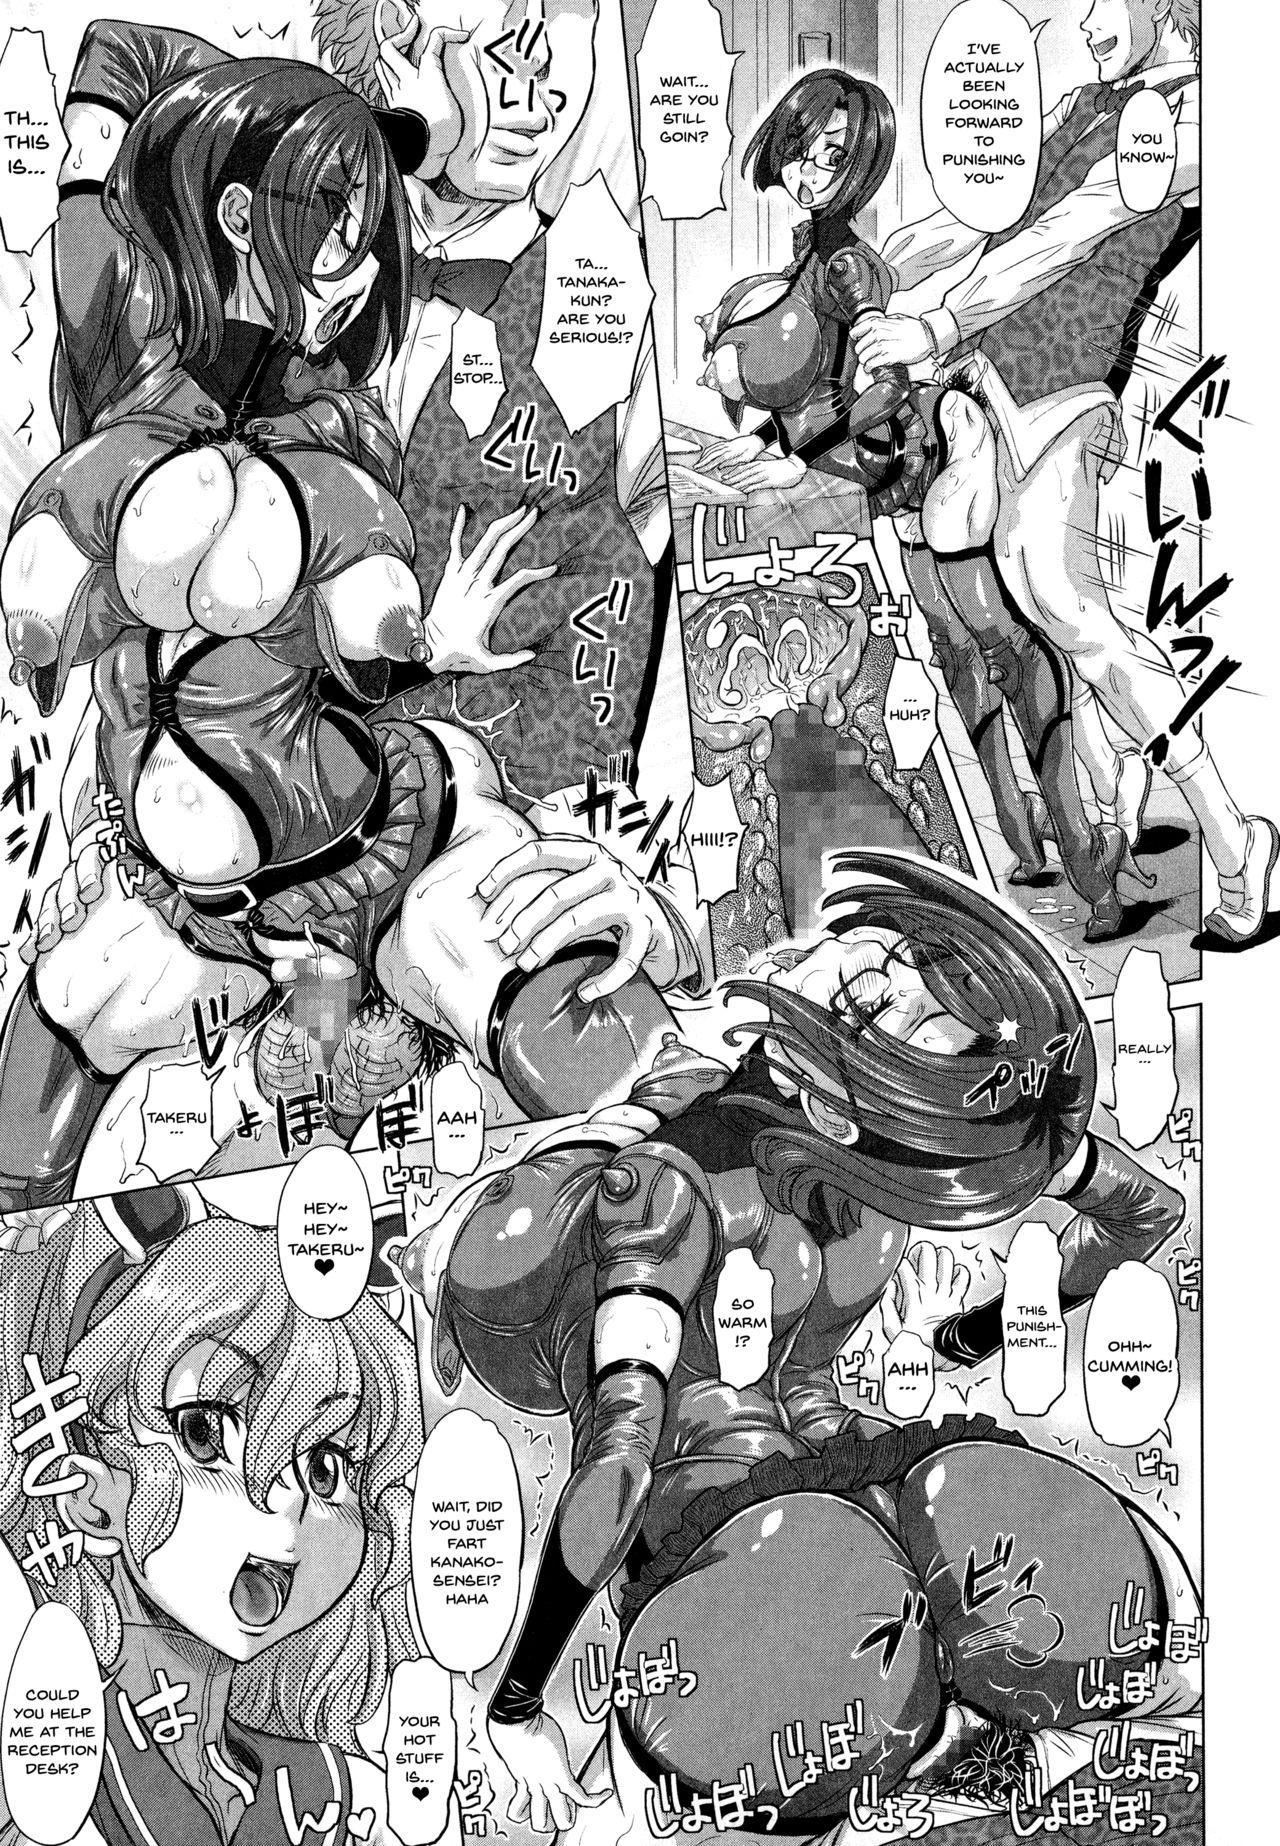 [Minority] Negative Kanako-sensei Ch. 1-6 [English] {Doujins.com} 50